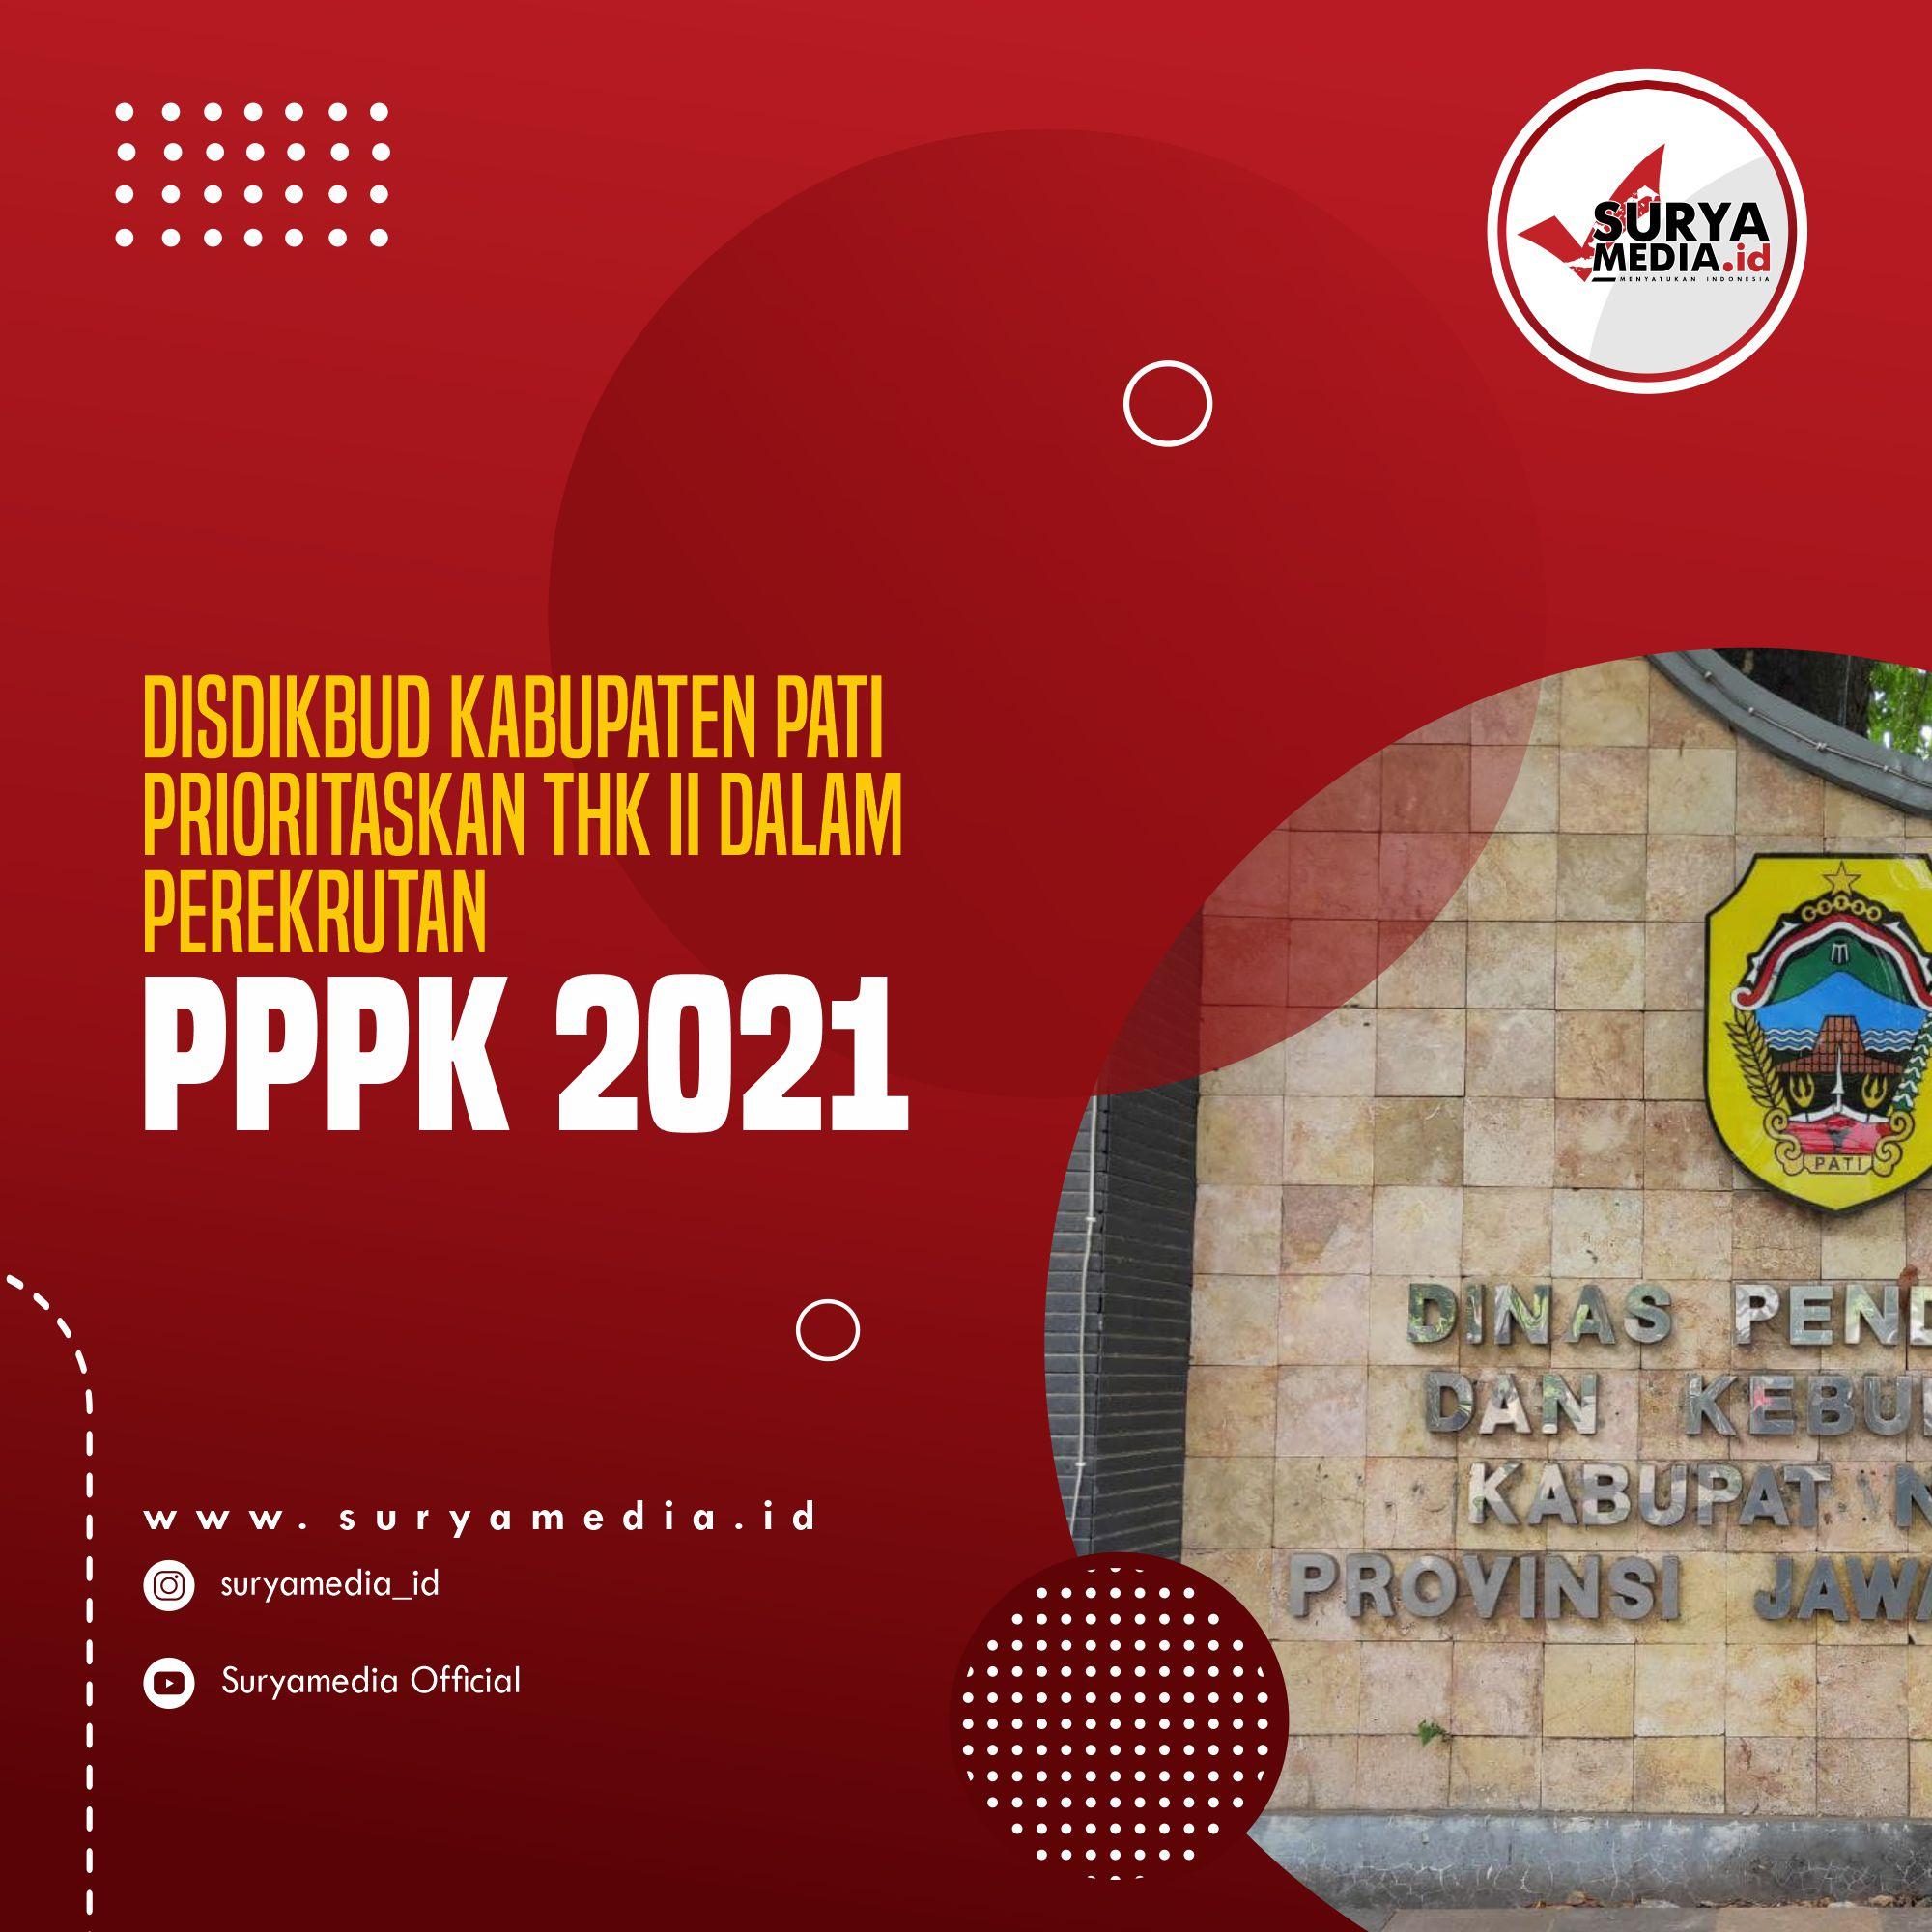 Disdikbud Kabupaten Pati Prioritaskan THK II dalam Perekrutan PPPK 2021